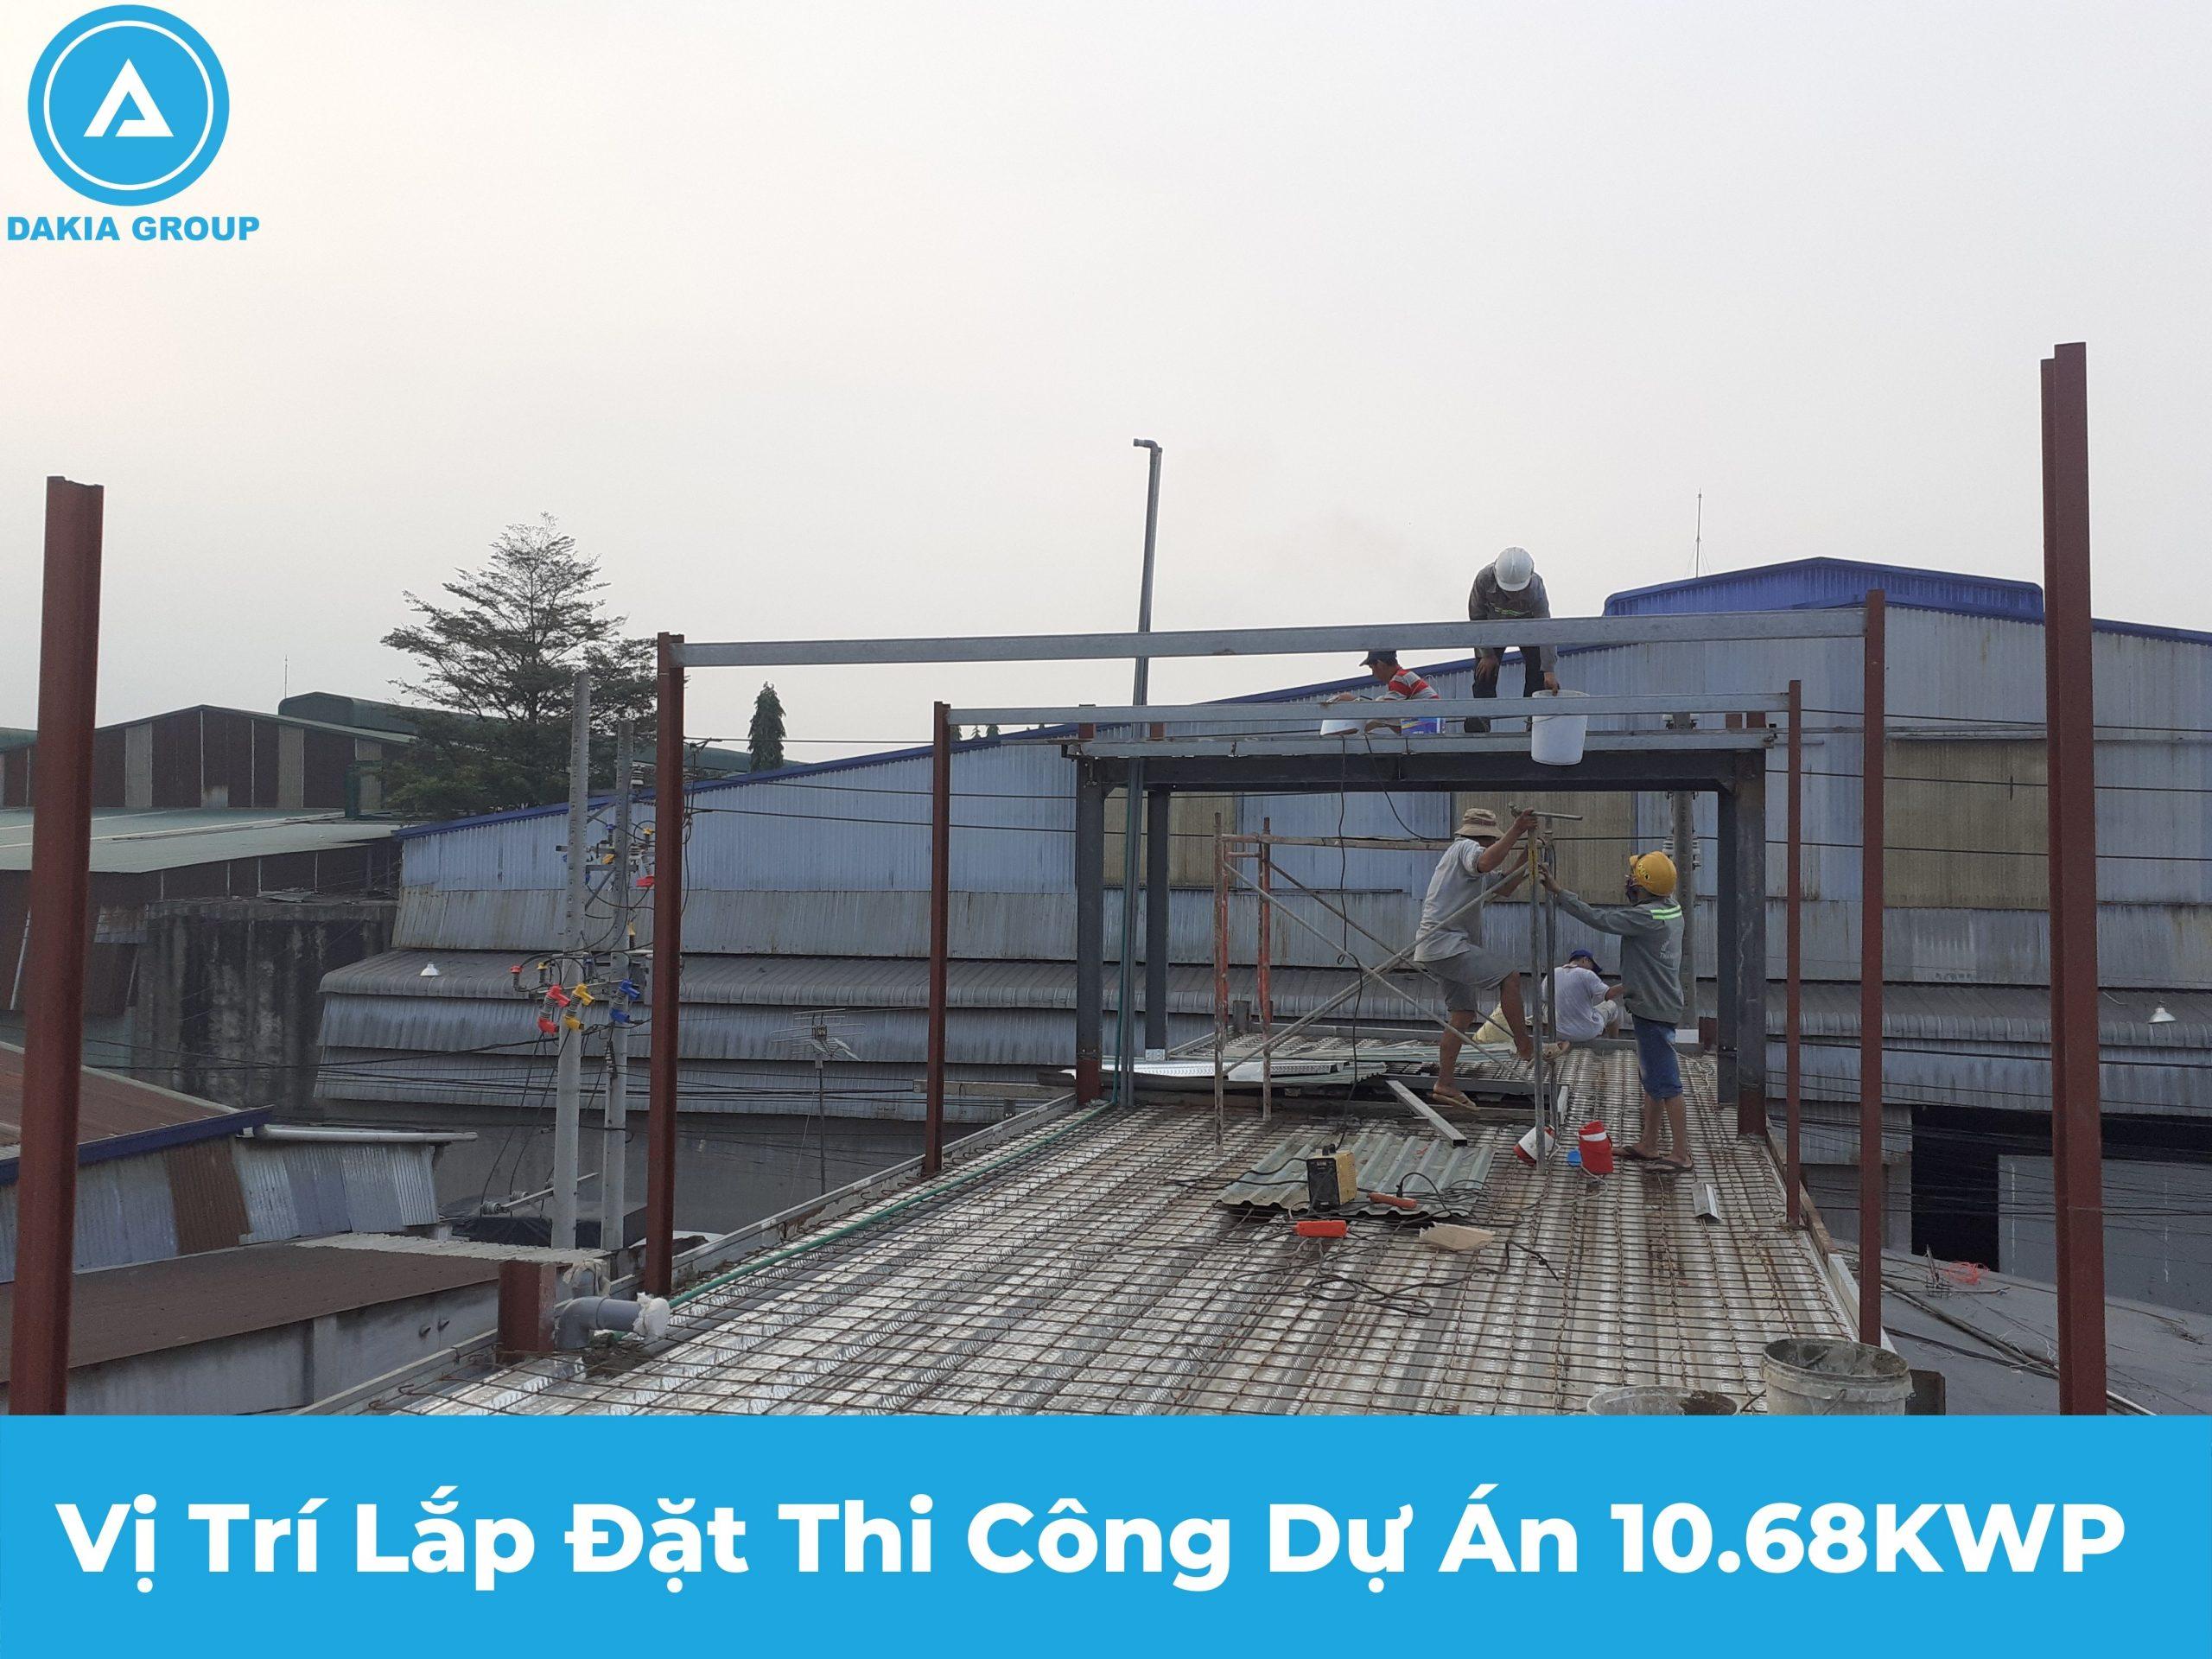 Khảo sát vị trì lắp đặt dự án 10.68kwp